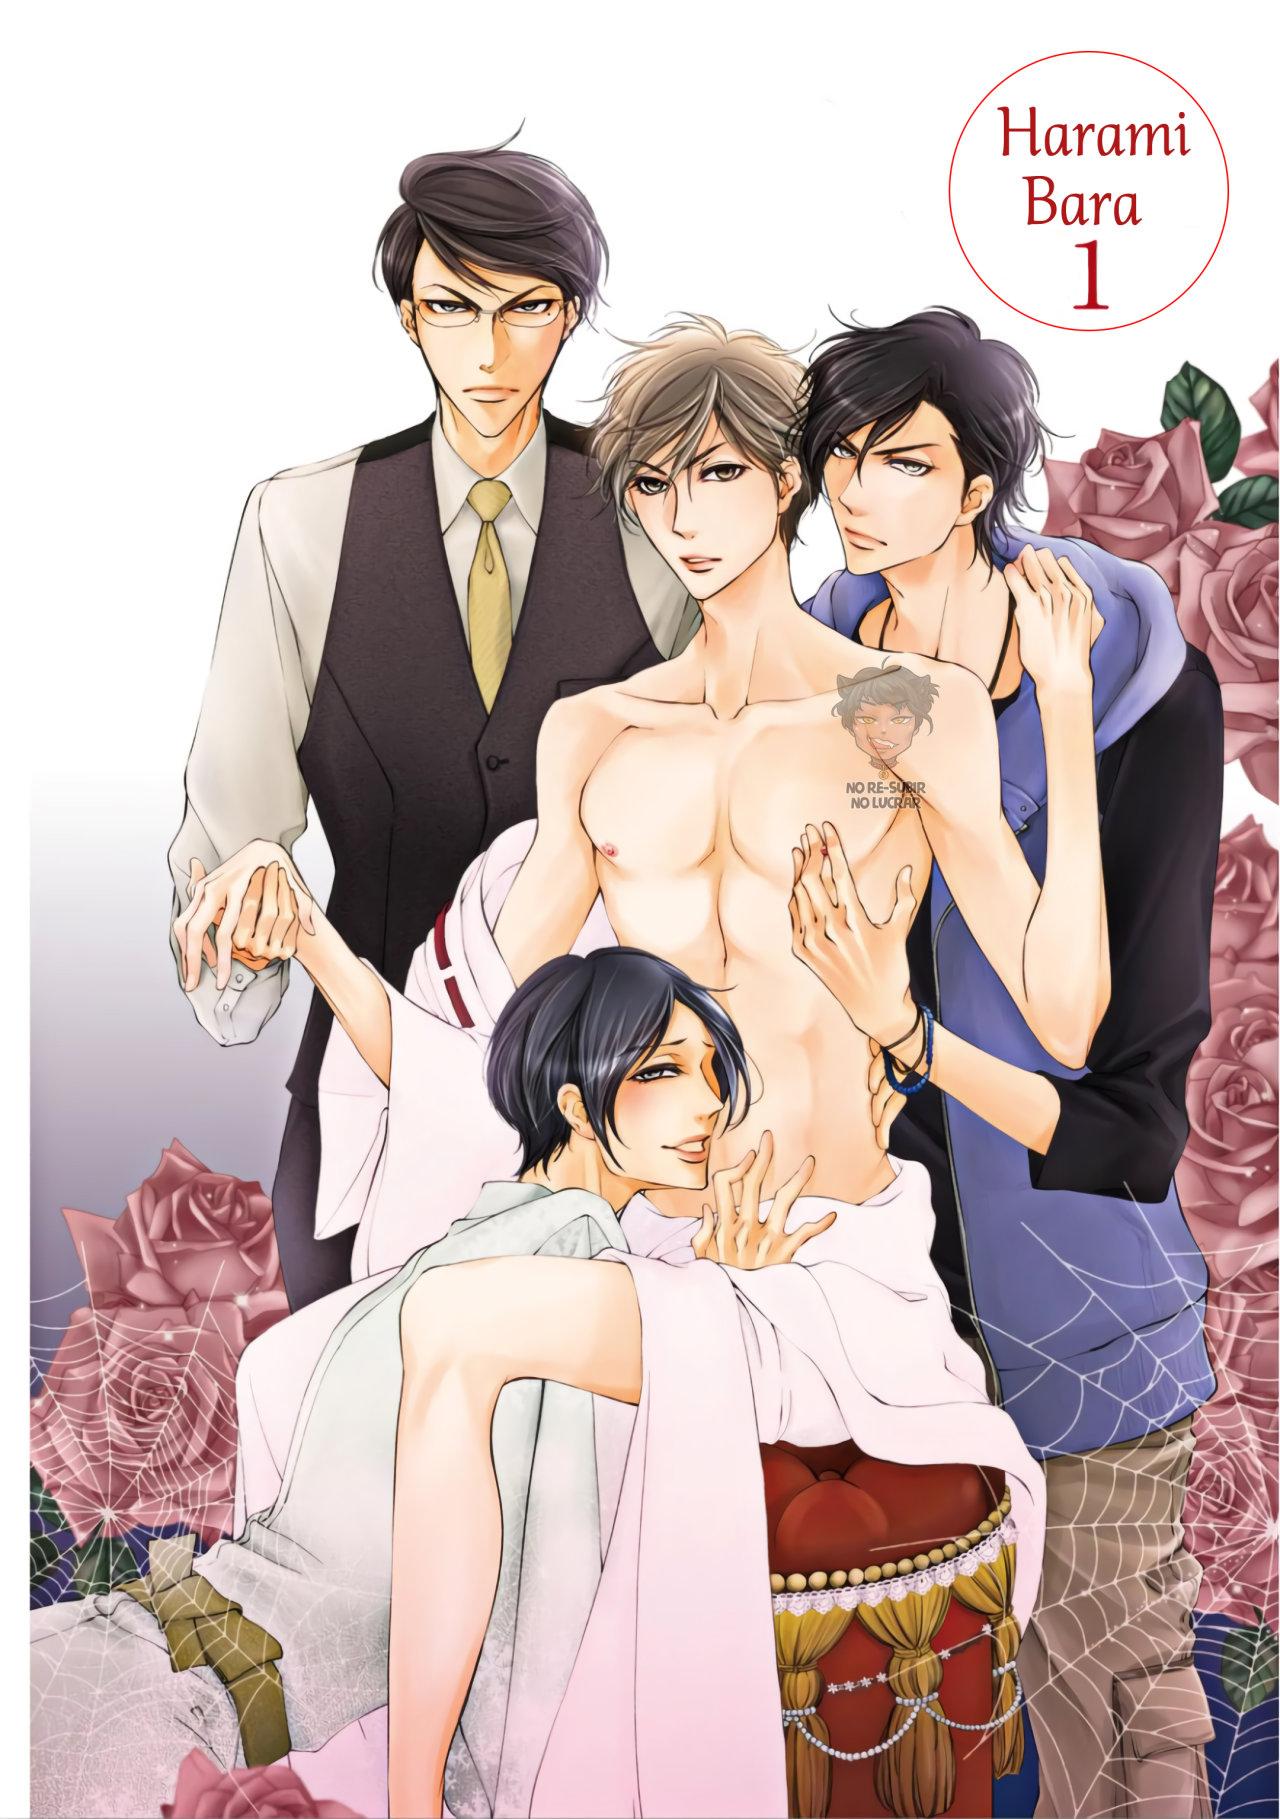 https://nine.mangadogs.com/es_manga/pic8/51/36659/946321/52d2752b150f9c35ccb6869cbf074e48.jpg Page 8